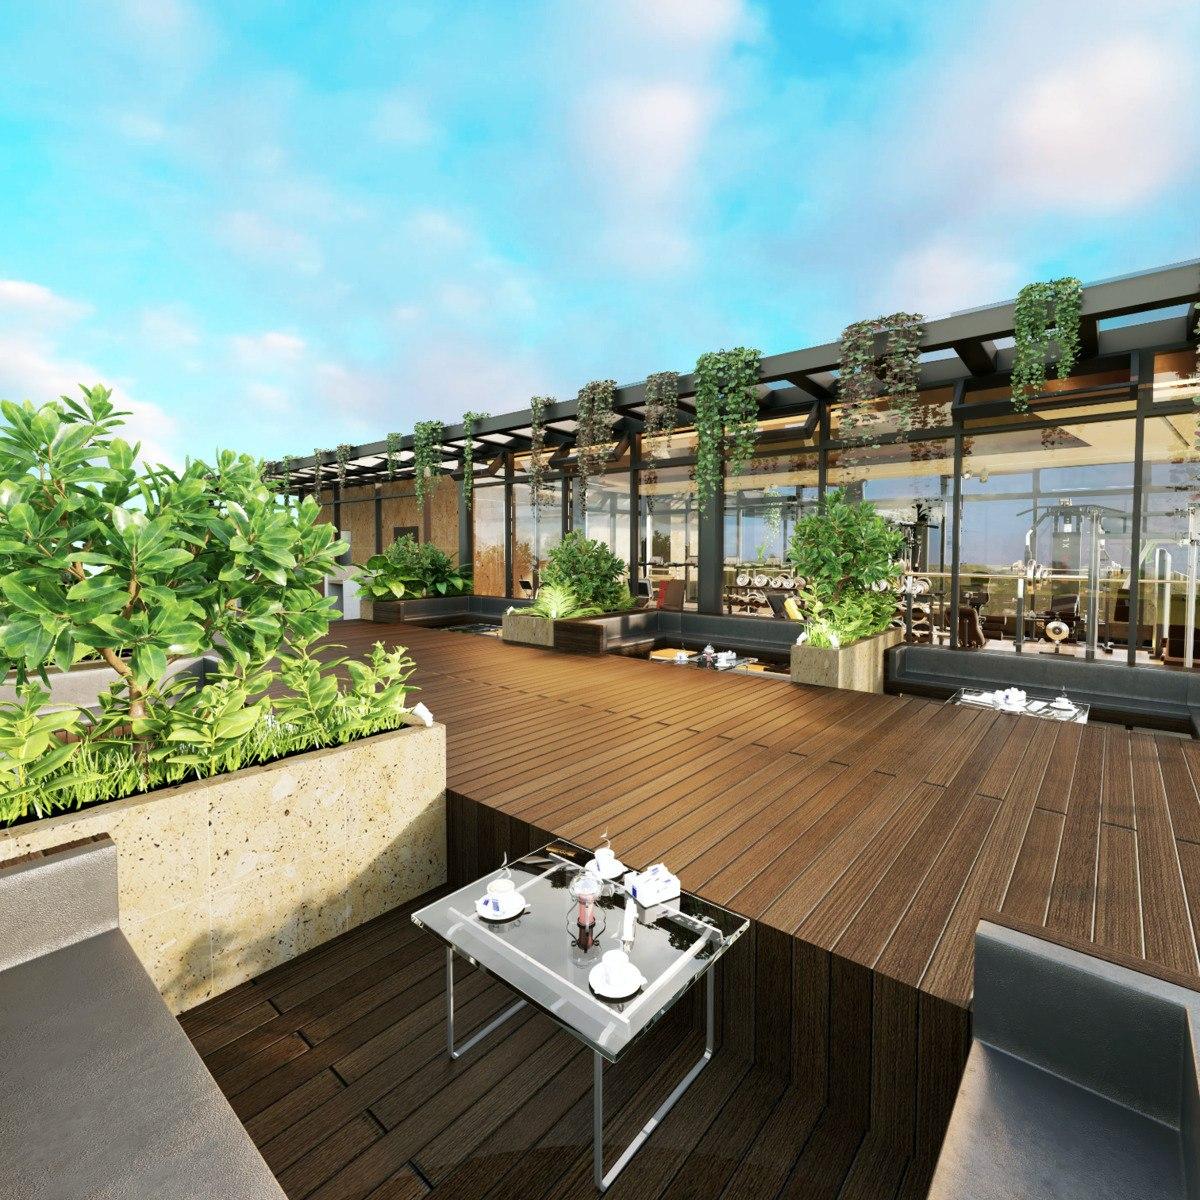 mixcoac, exclusivo departamento garden house